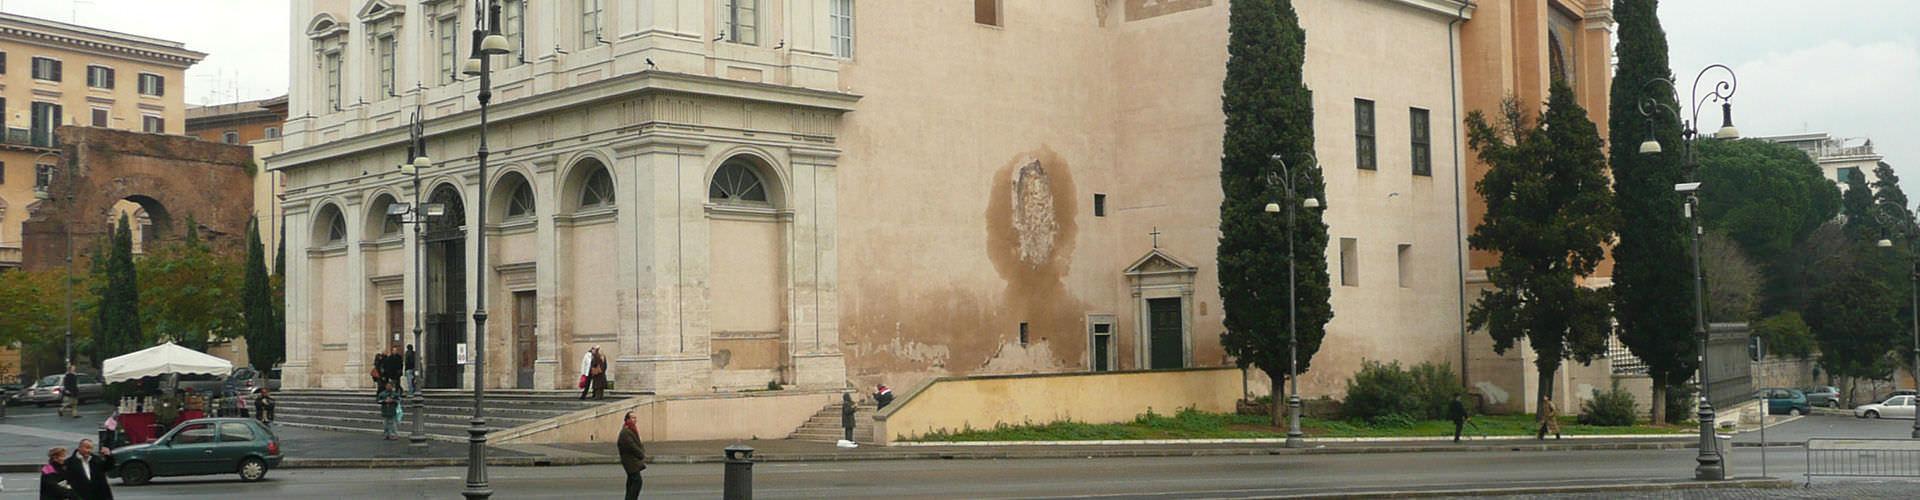 Rzym - Hostele w pobliżu: Scala Sancta. Mapy: Rzym, Zdjęcia i Recenzje dla każdego hostelu w mieście: Rzym.